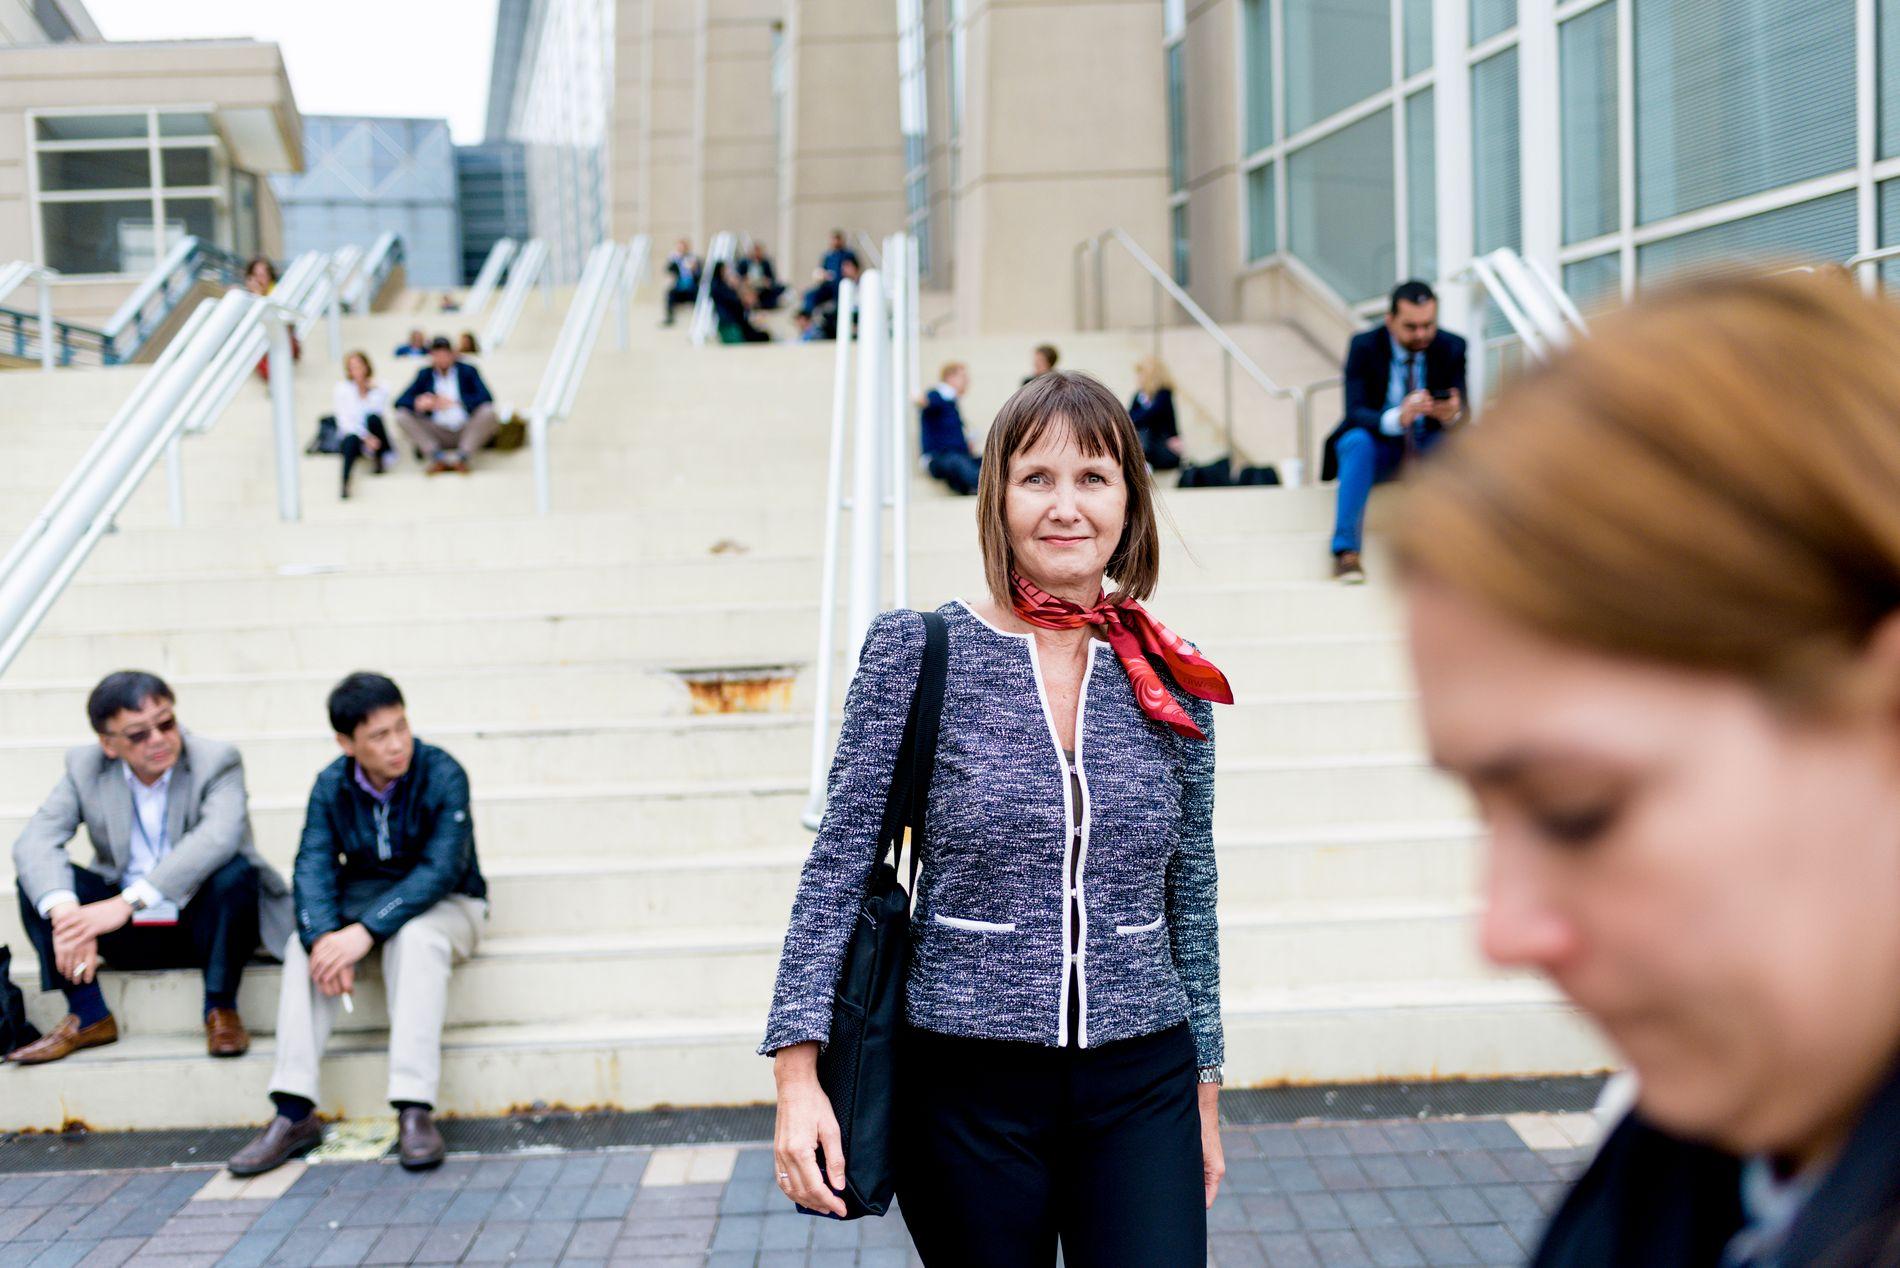 NY ORDNING: Kreftlege Anne Hansen Ree ønsker en gjennomgang av reglene for unntaksordningen.